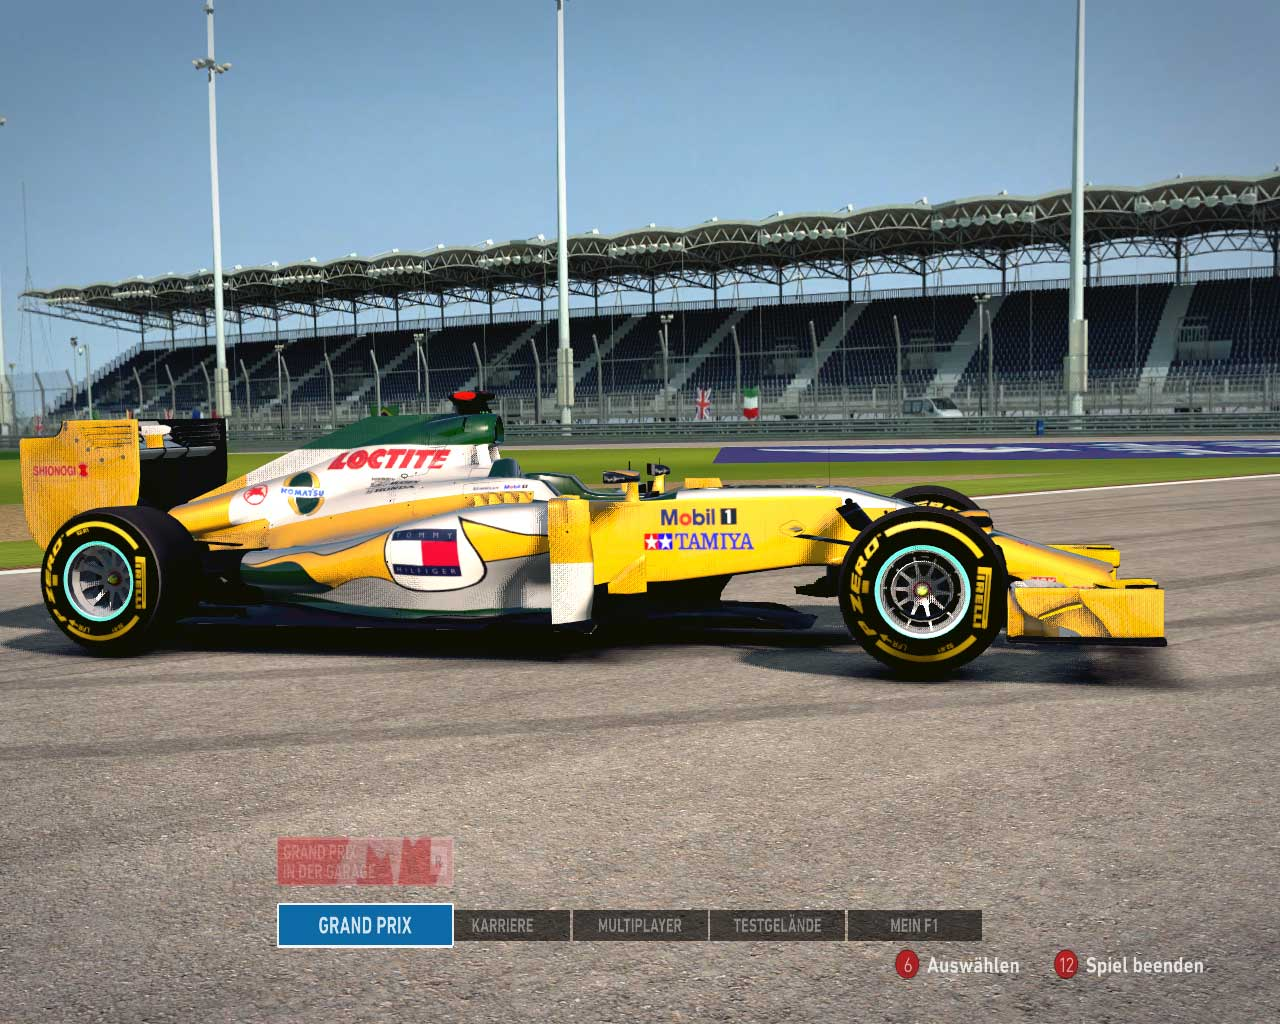 F1 2014 Team Lotus Mod 1994